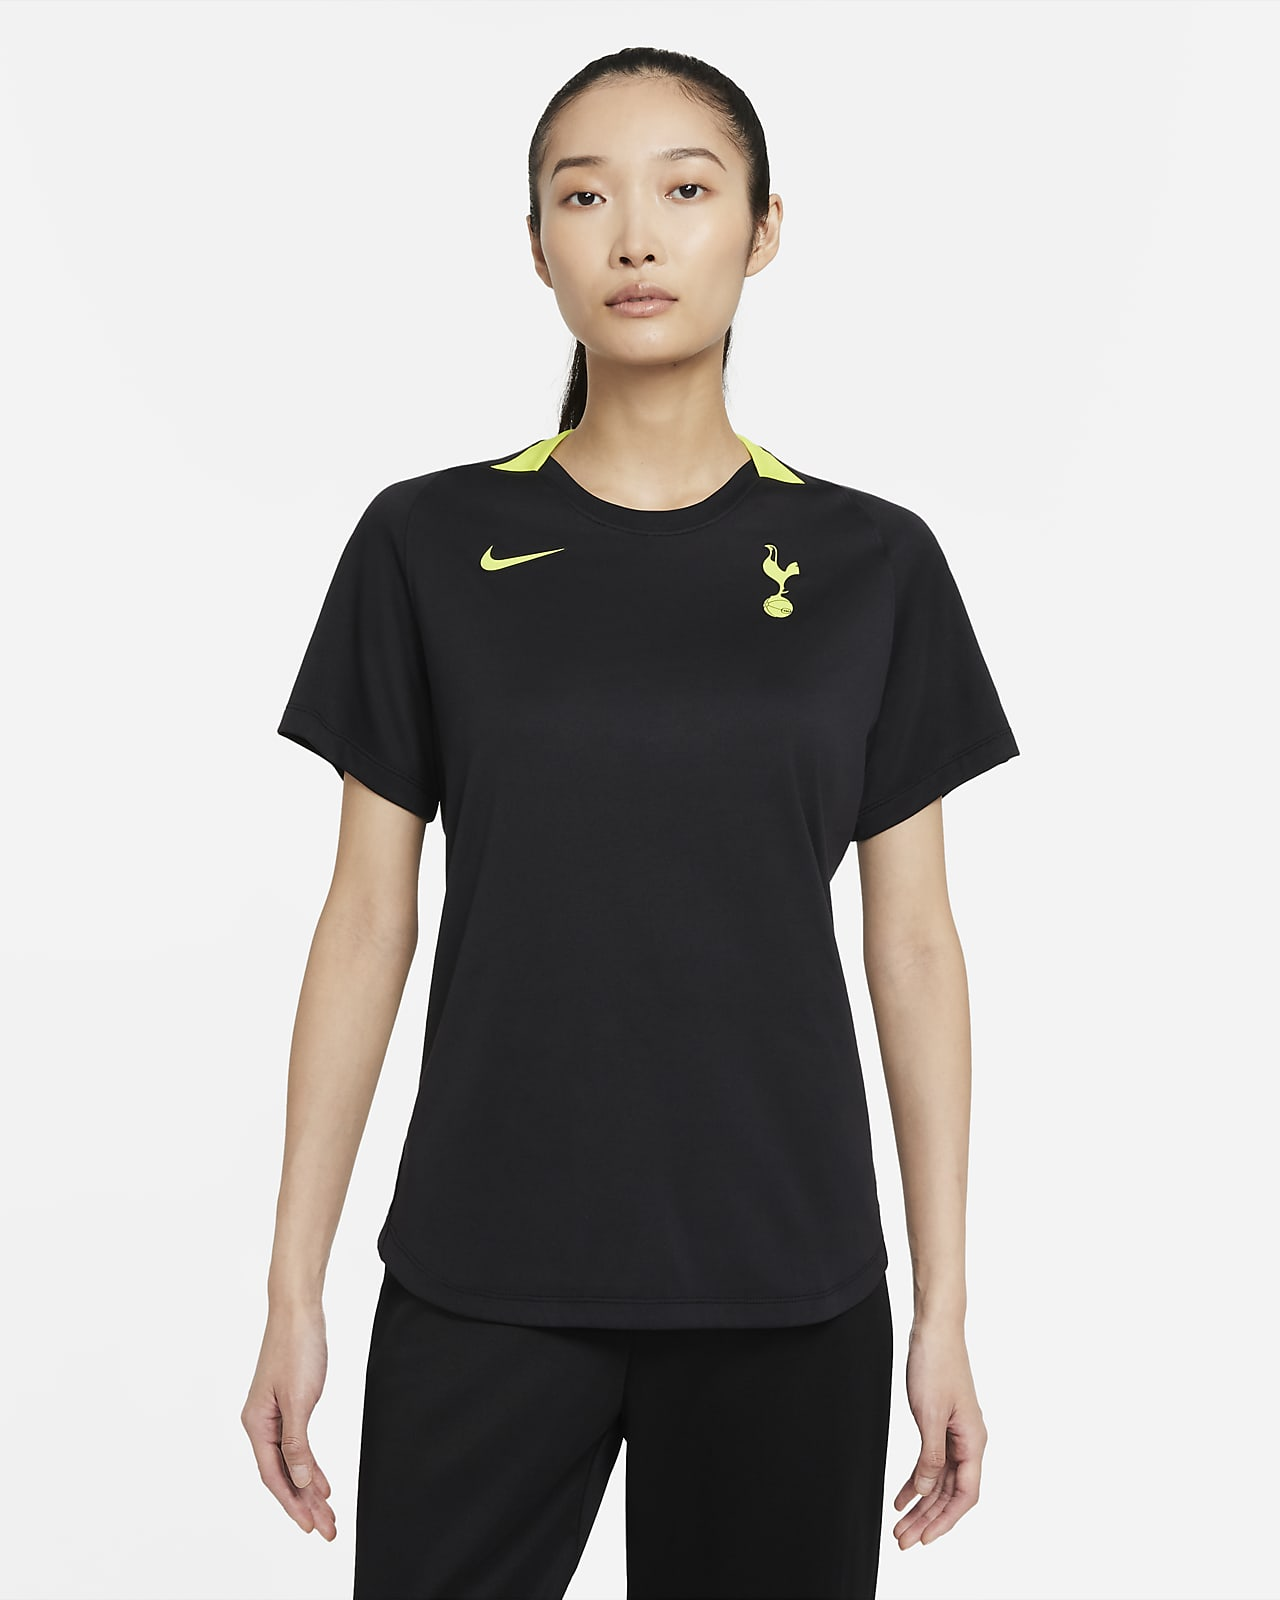 Tottenham Hotspur Women's Nike Dri-FIT Short-Sleeve Football Top